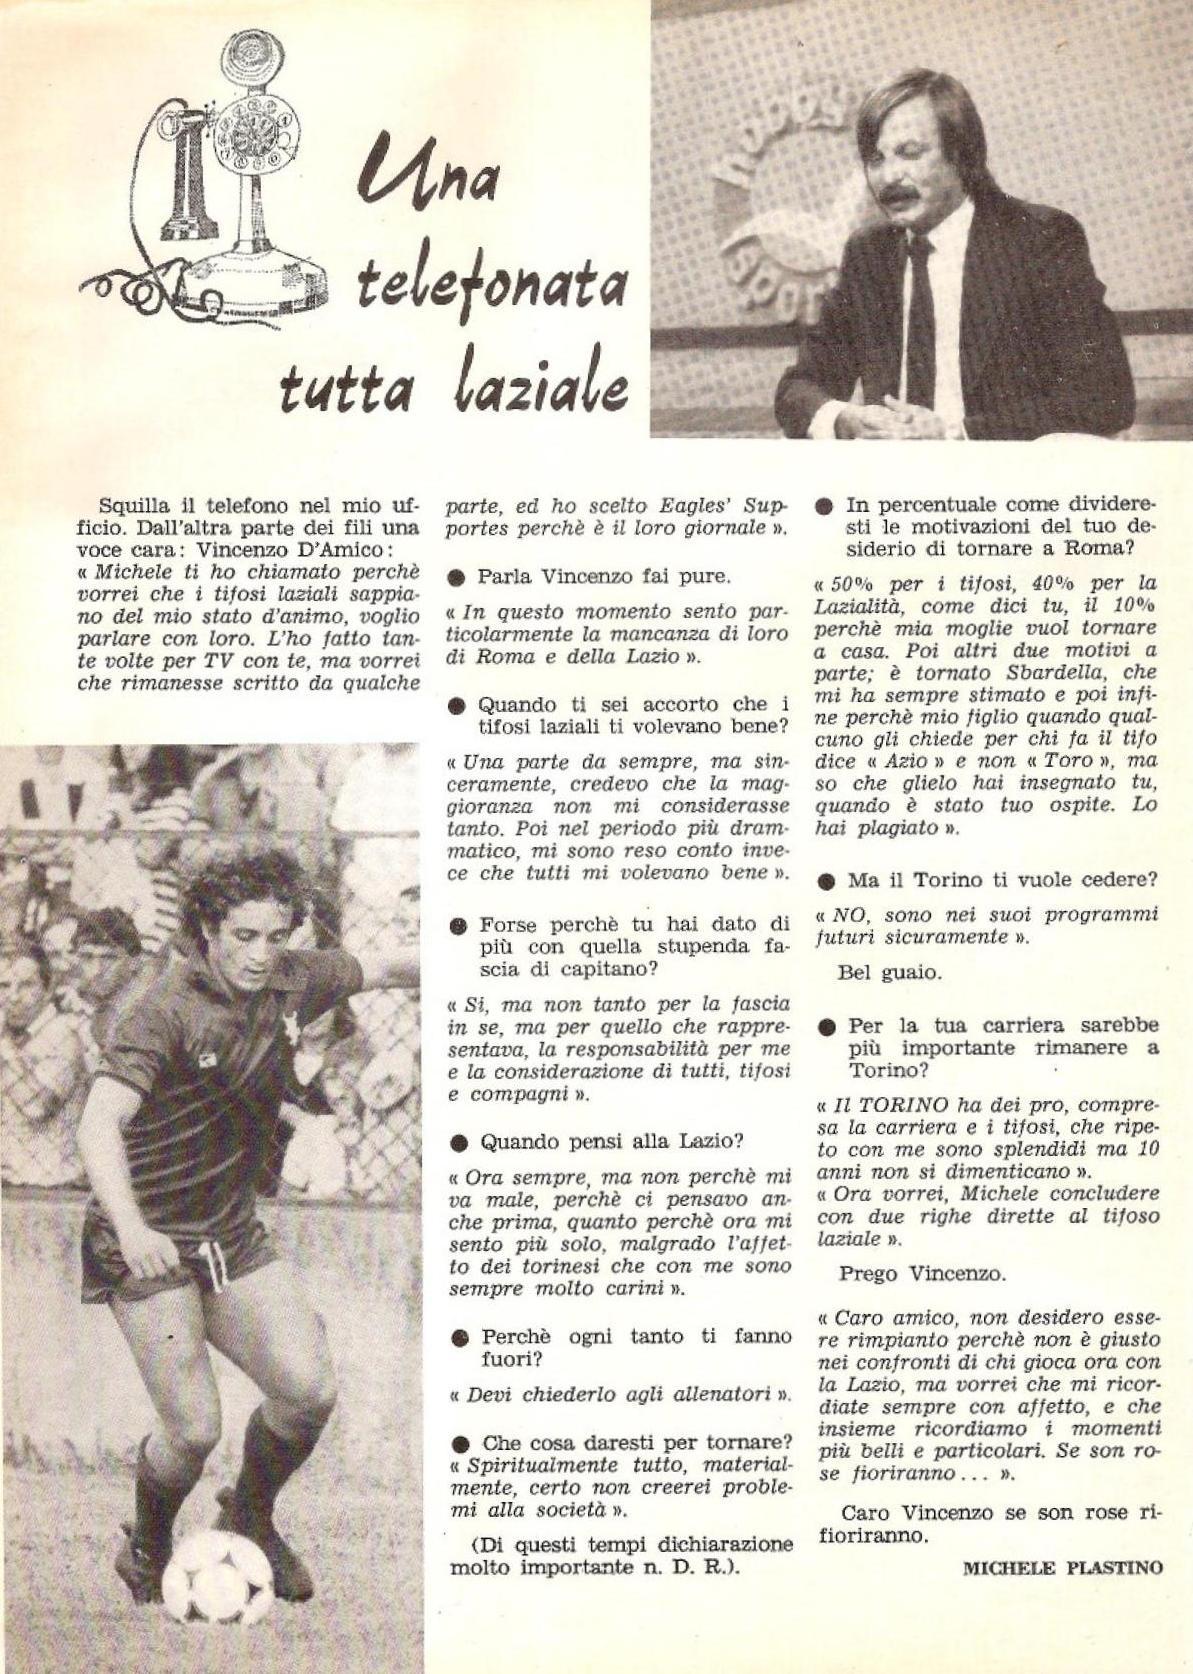 Eagles Supporters del 22 marzo 1981